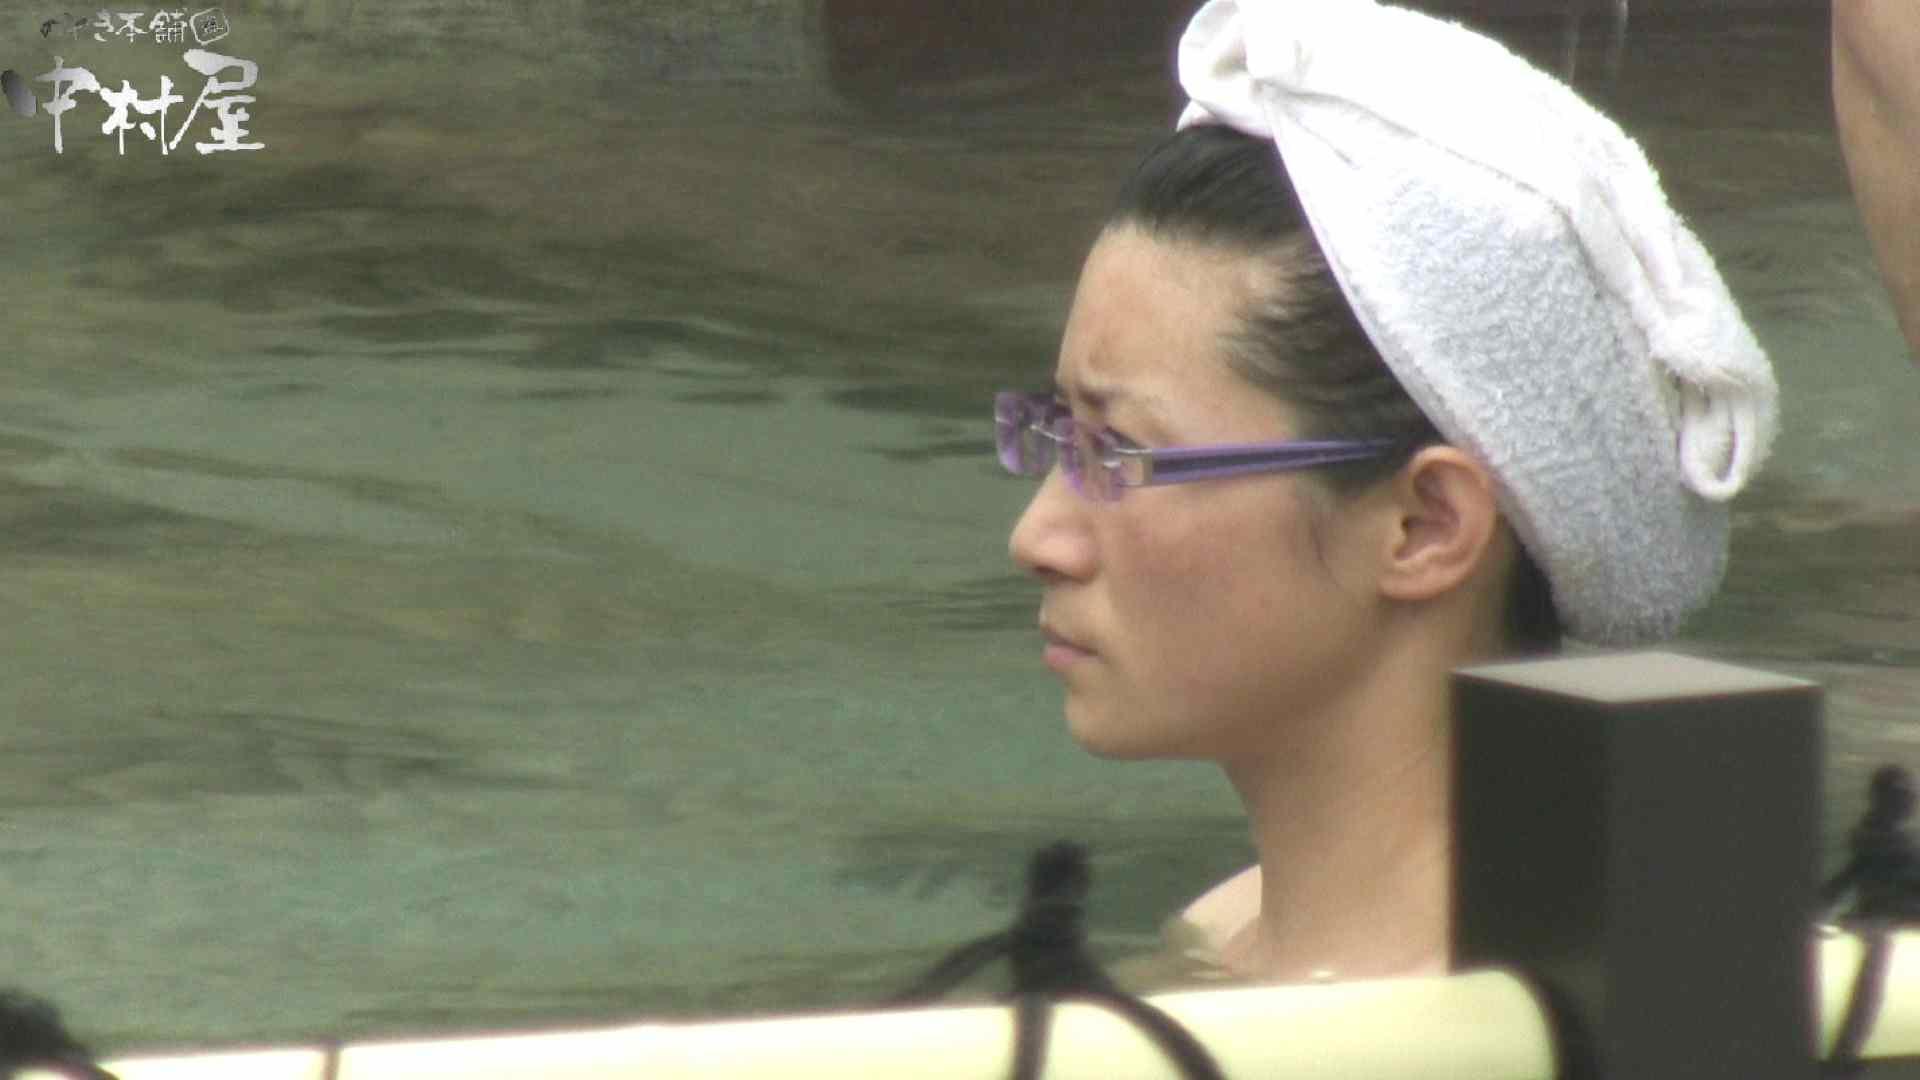 Aquaな露天風呂Vol.905 盗撮 セックス画像 71画像 35